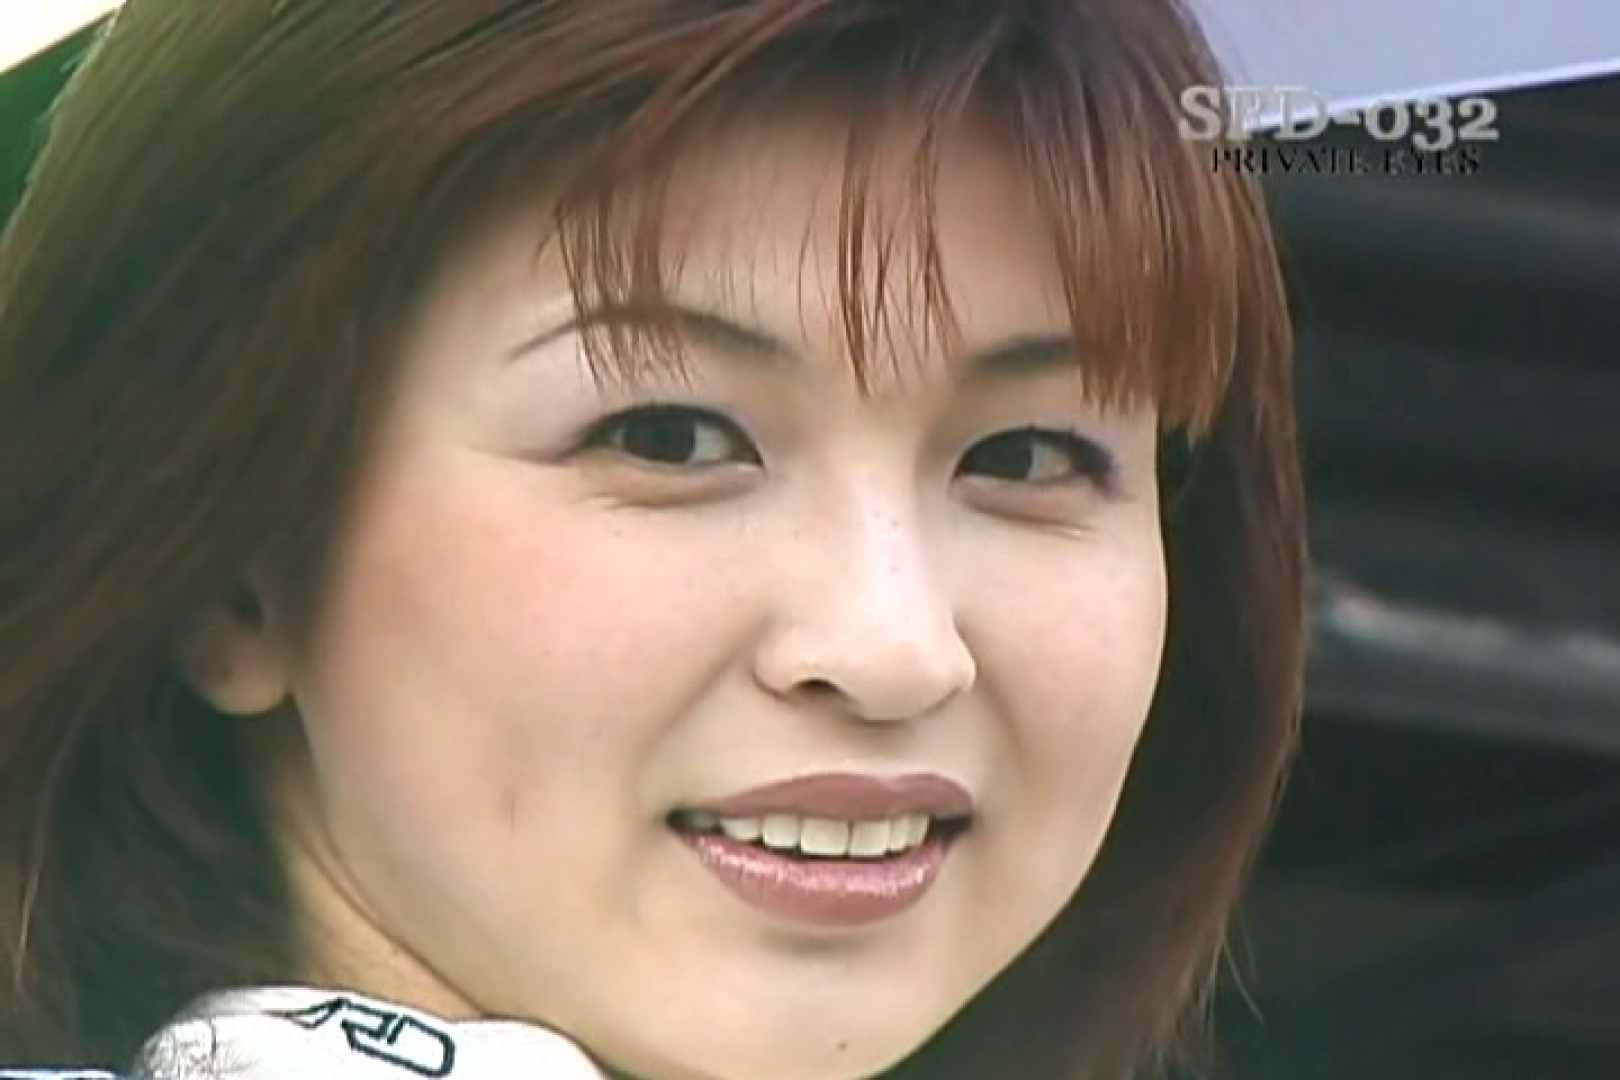 高画質版!SPD-032 サーキットの女神達 00'日本第2戦 MOTEGI 名作 オマンコ無修正動画無料 89pic 3